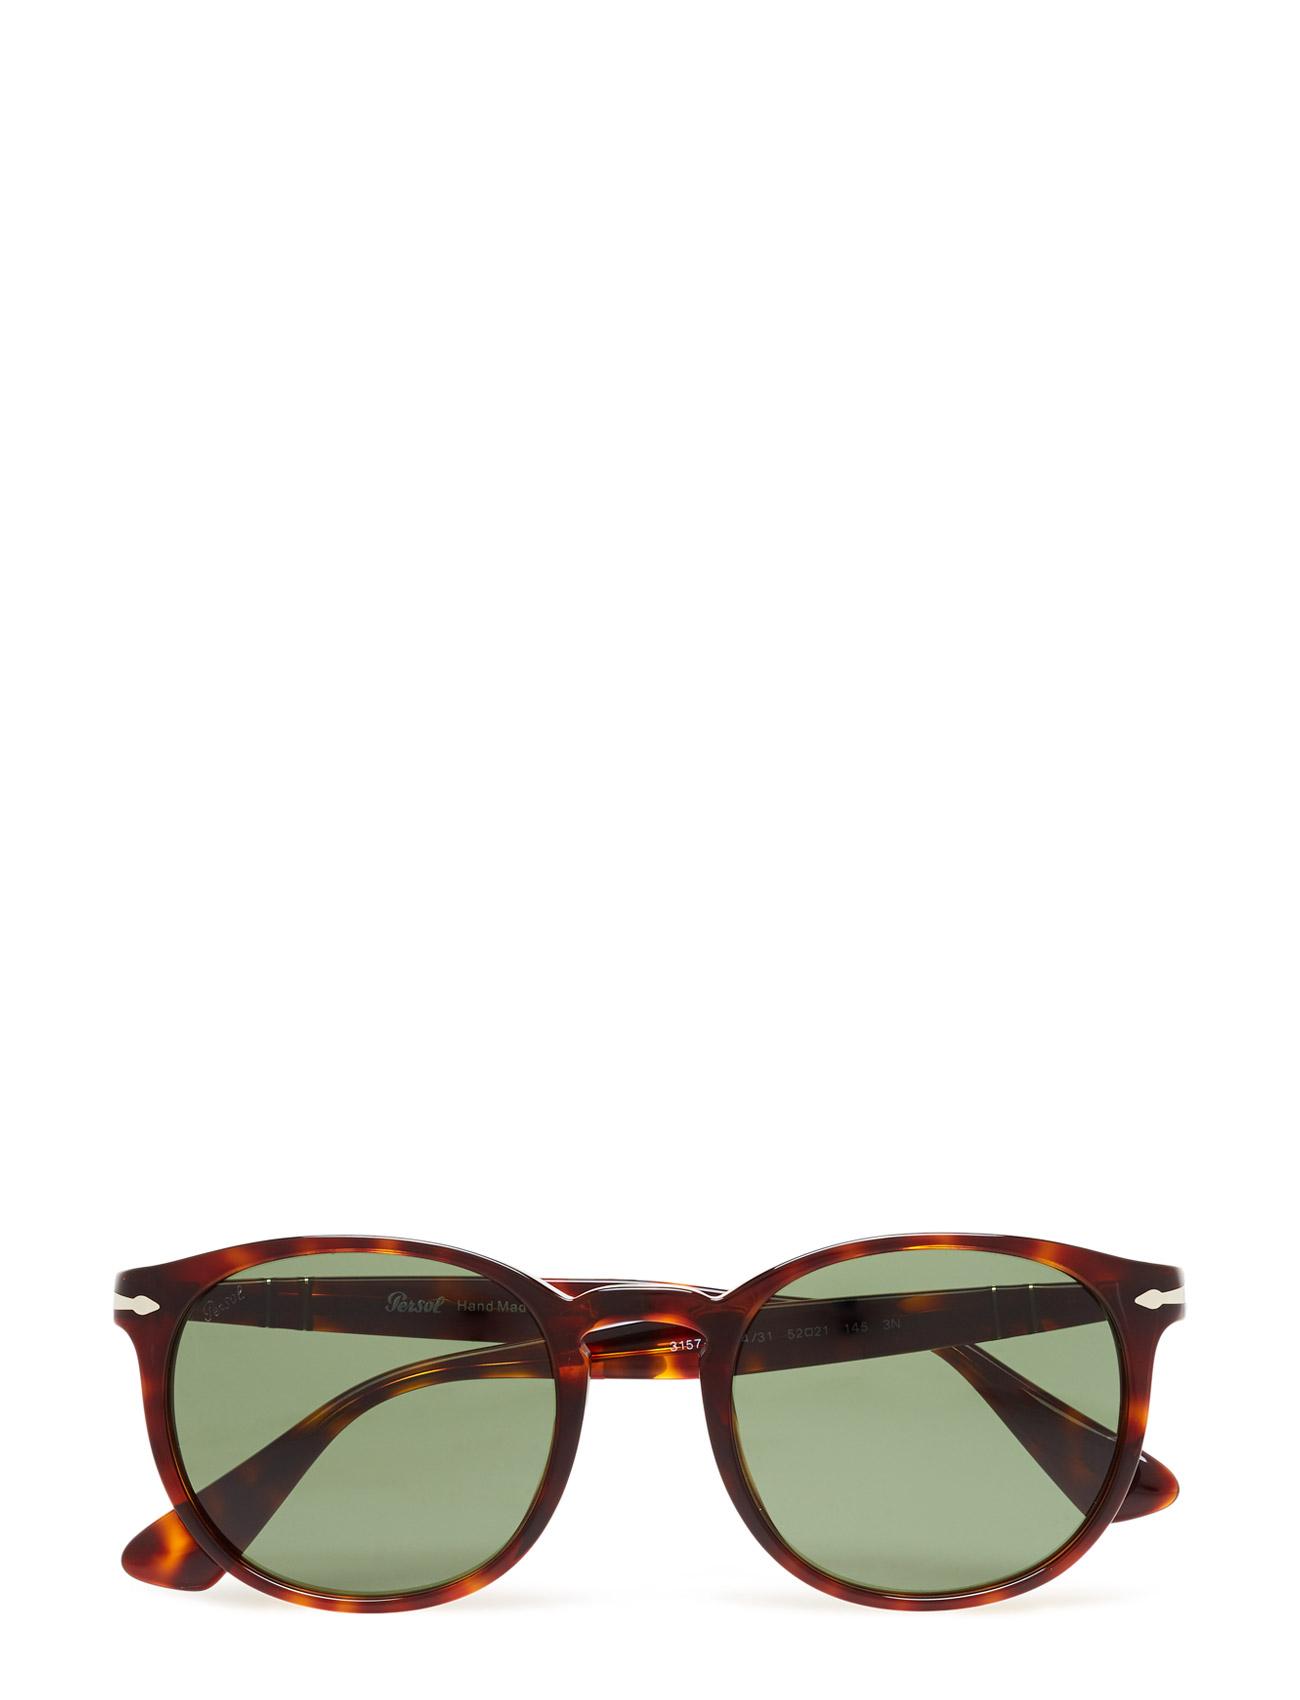 d0215bac4fee Persol wayfarer solbriller – D-Frame til herre i HAVANA - Pashion.dk